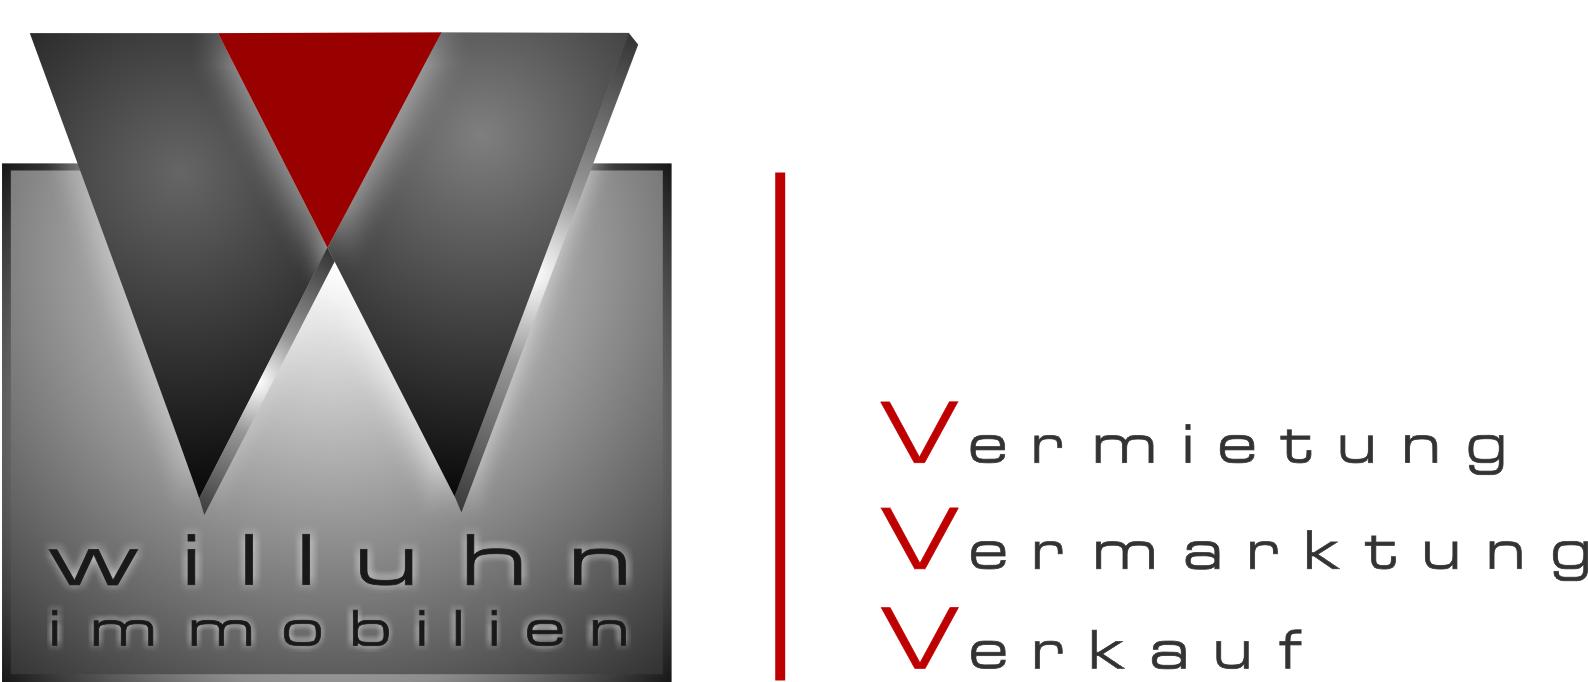 Hier sehen Sie das Logo von Willuhn Immobilien e.K.